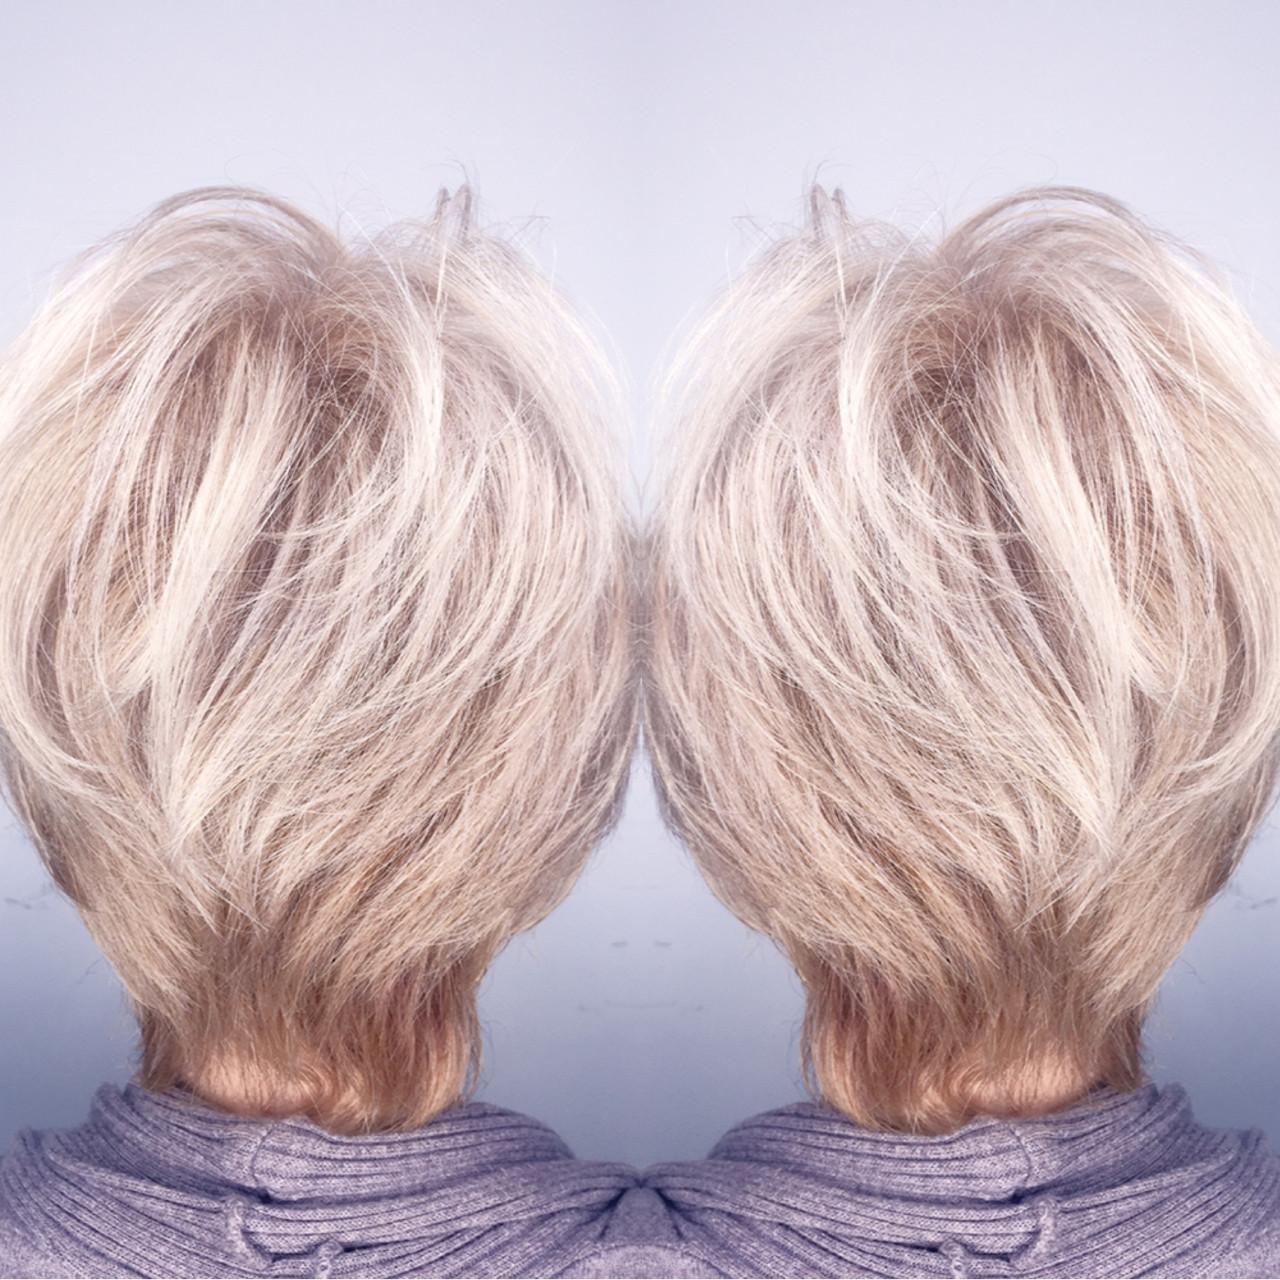 グレージュ 外国人風 モード アッシュ ヘアスタイルや髪型の写真・画像 | 筒井 隆由 / Hair salon mode